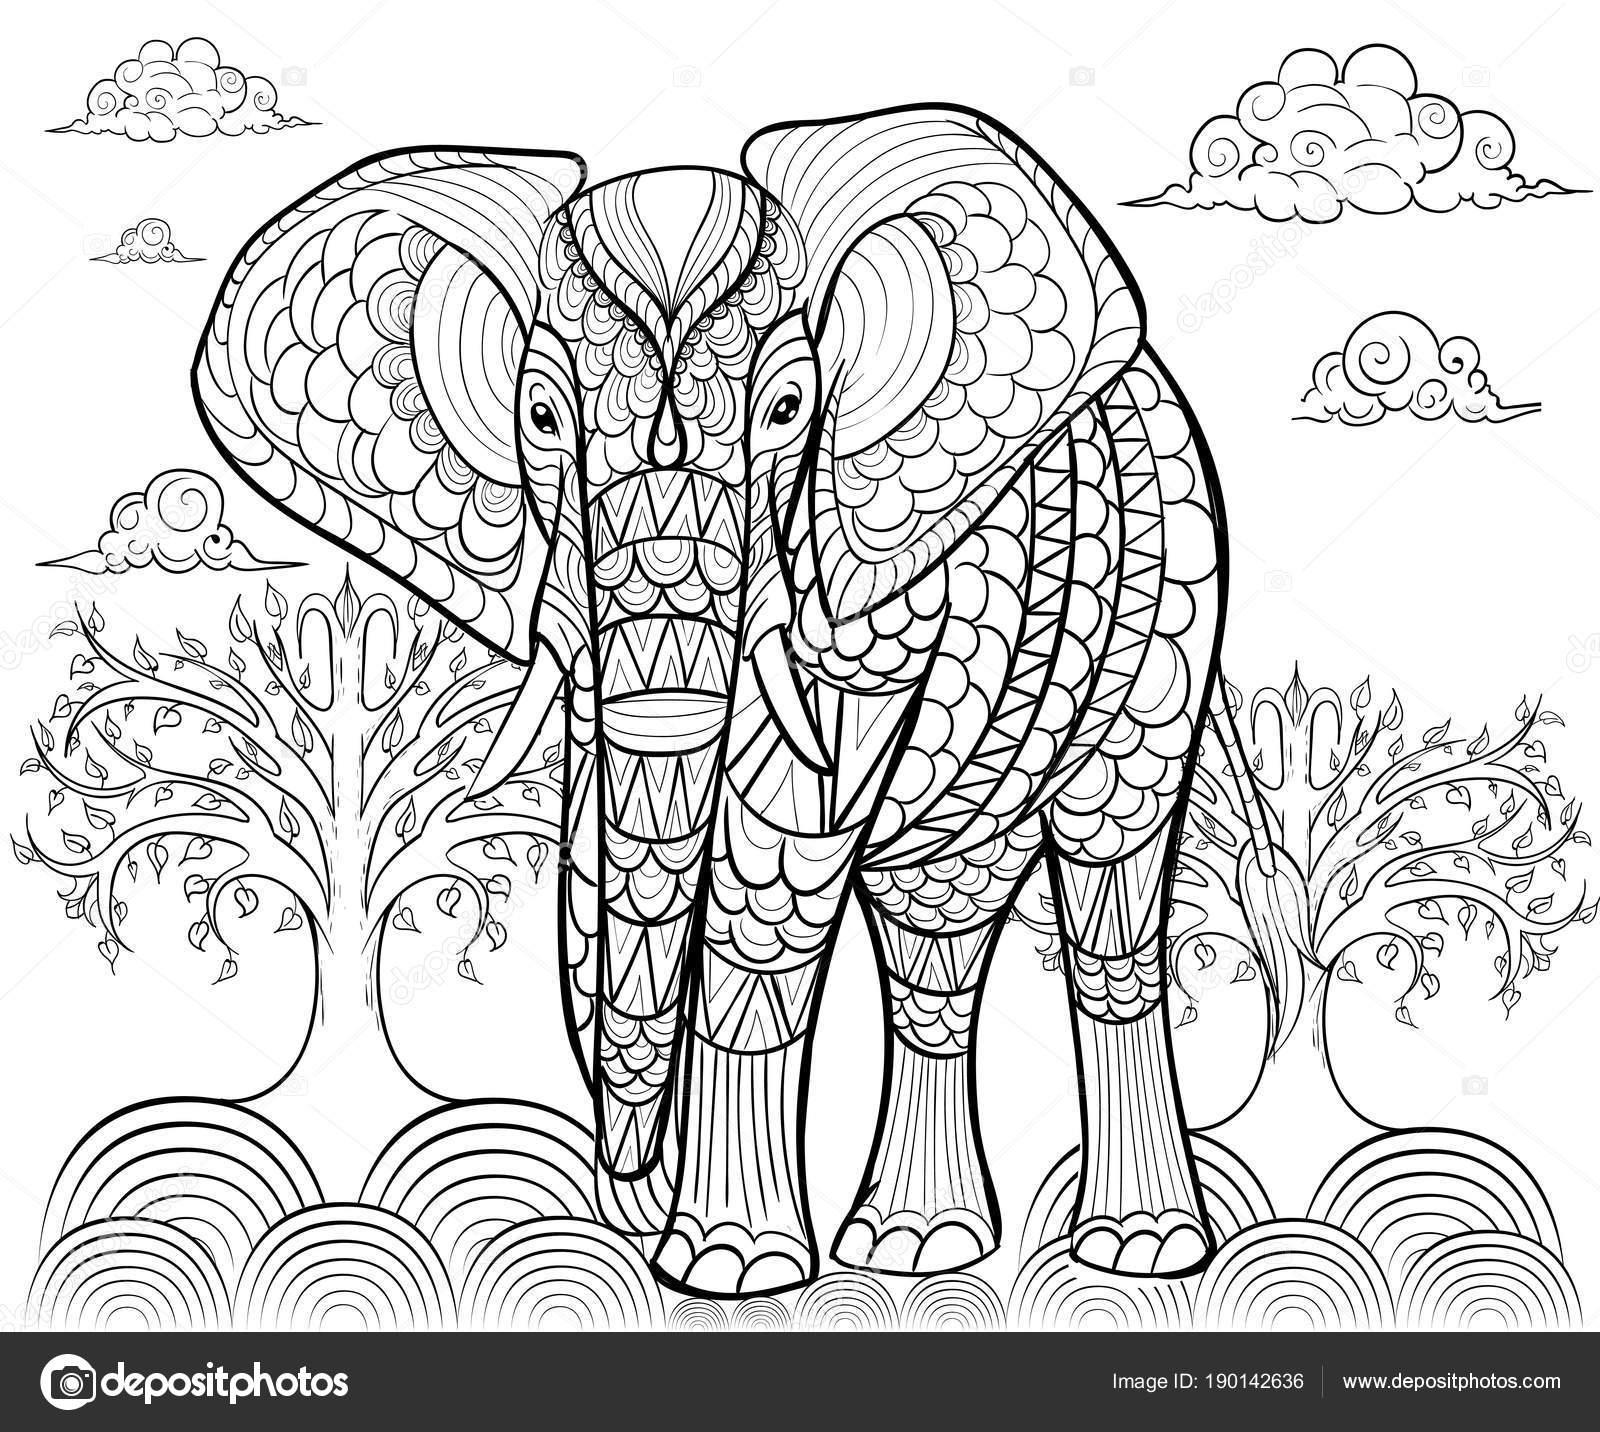 Dorable Página Para Colorear Elefante Con Diseño Adorno - Dibujos ...